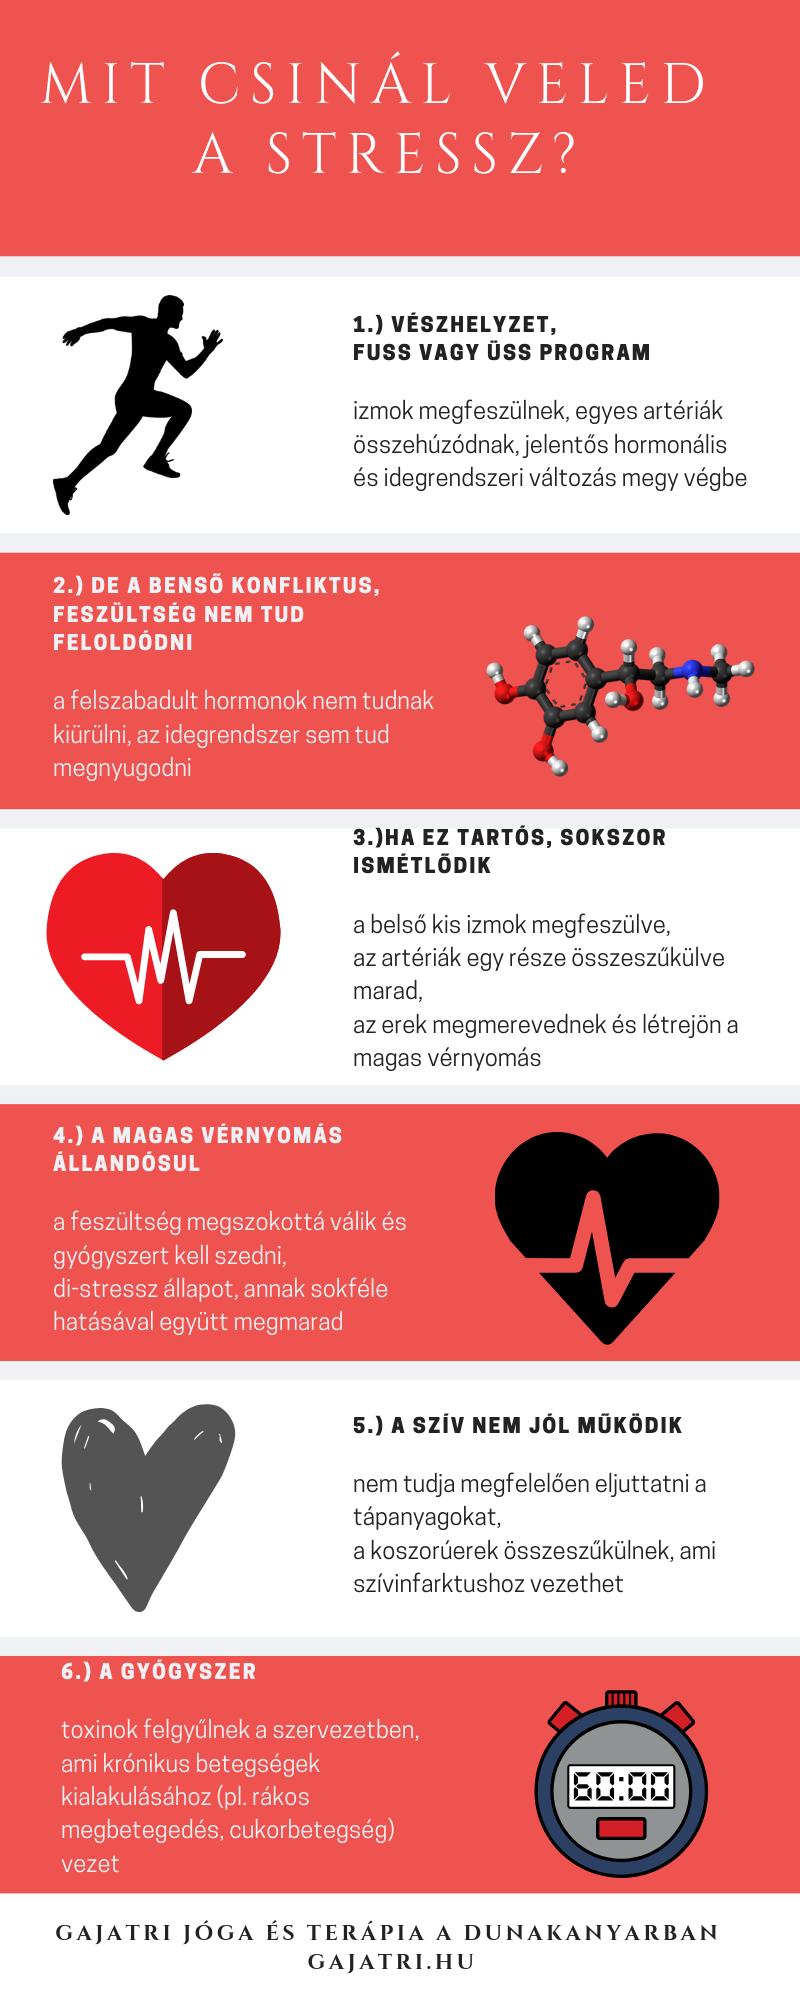 a magas vérnyomás a szív vagy az erek betegsége a magas vérnyomás véredényeinek kezelése